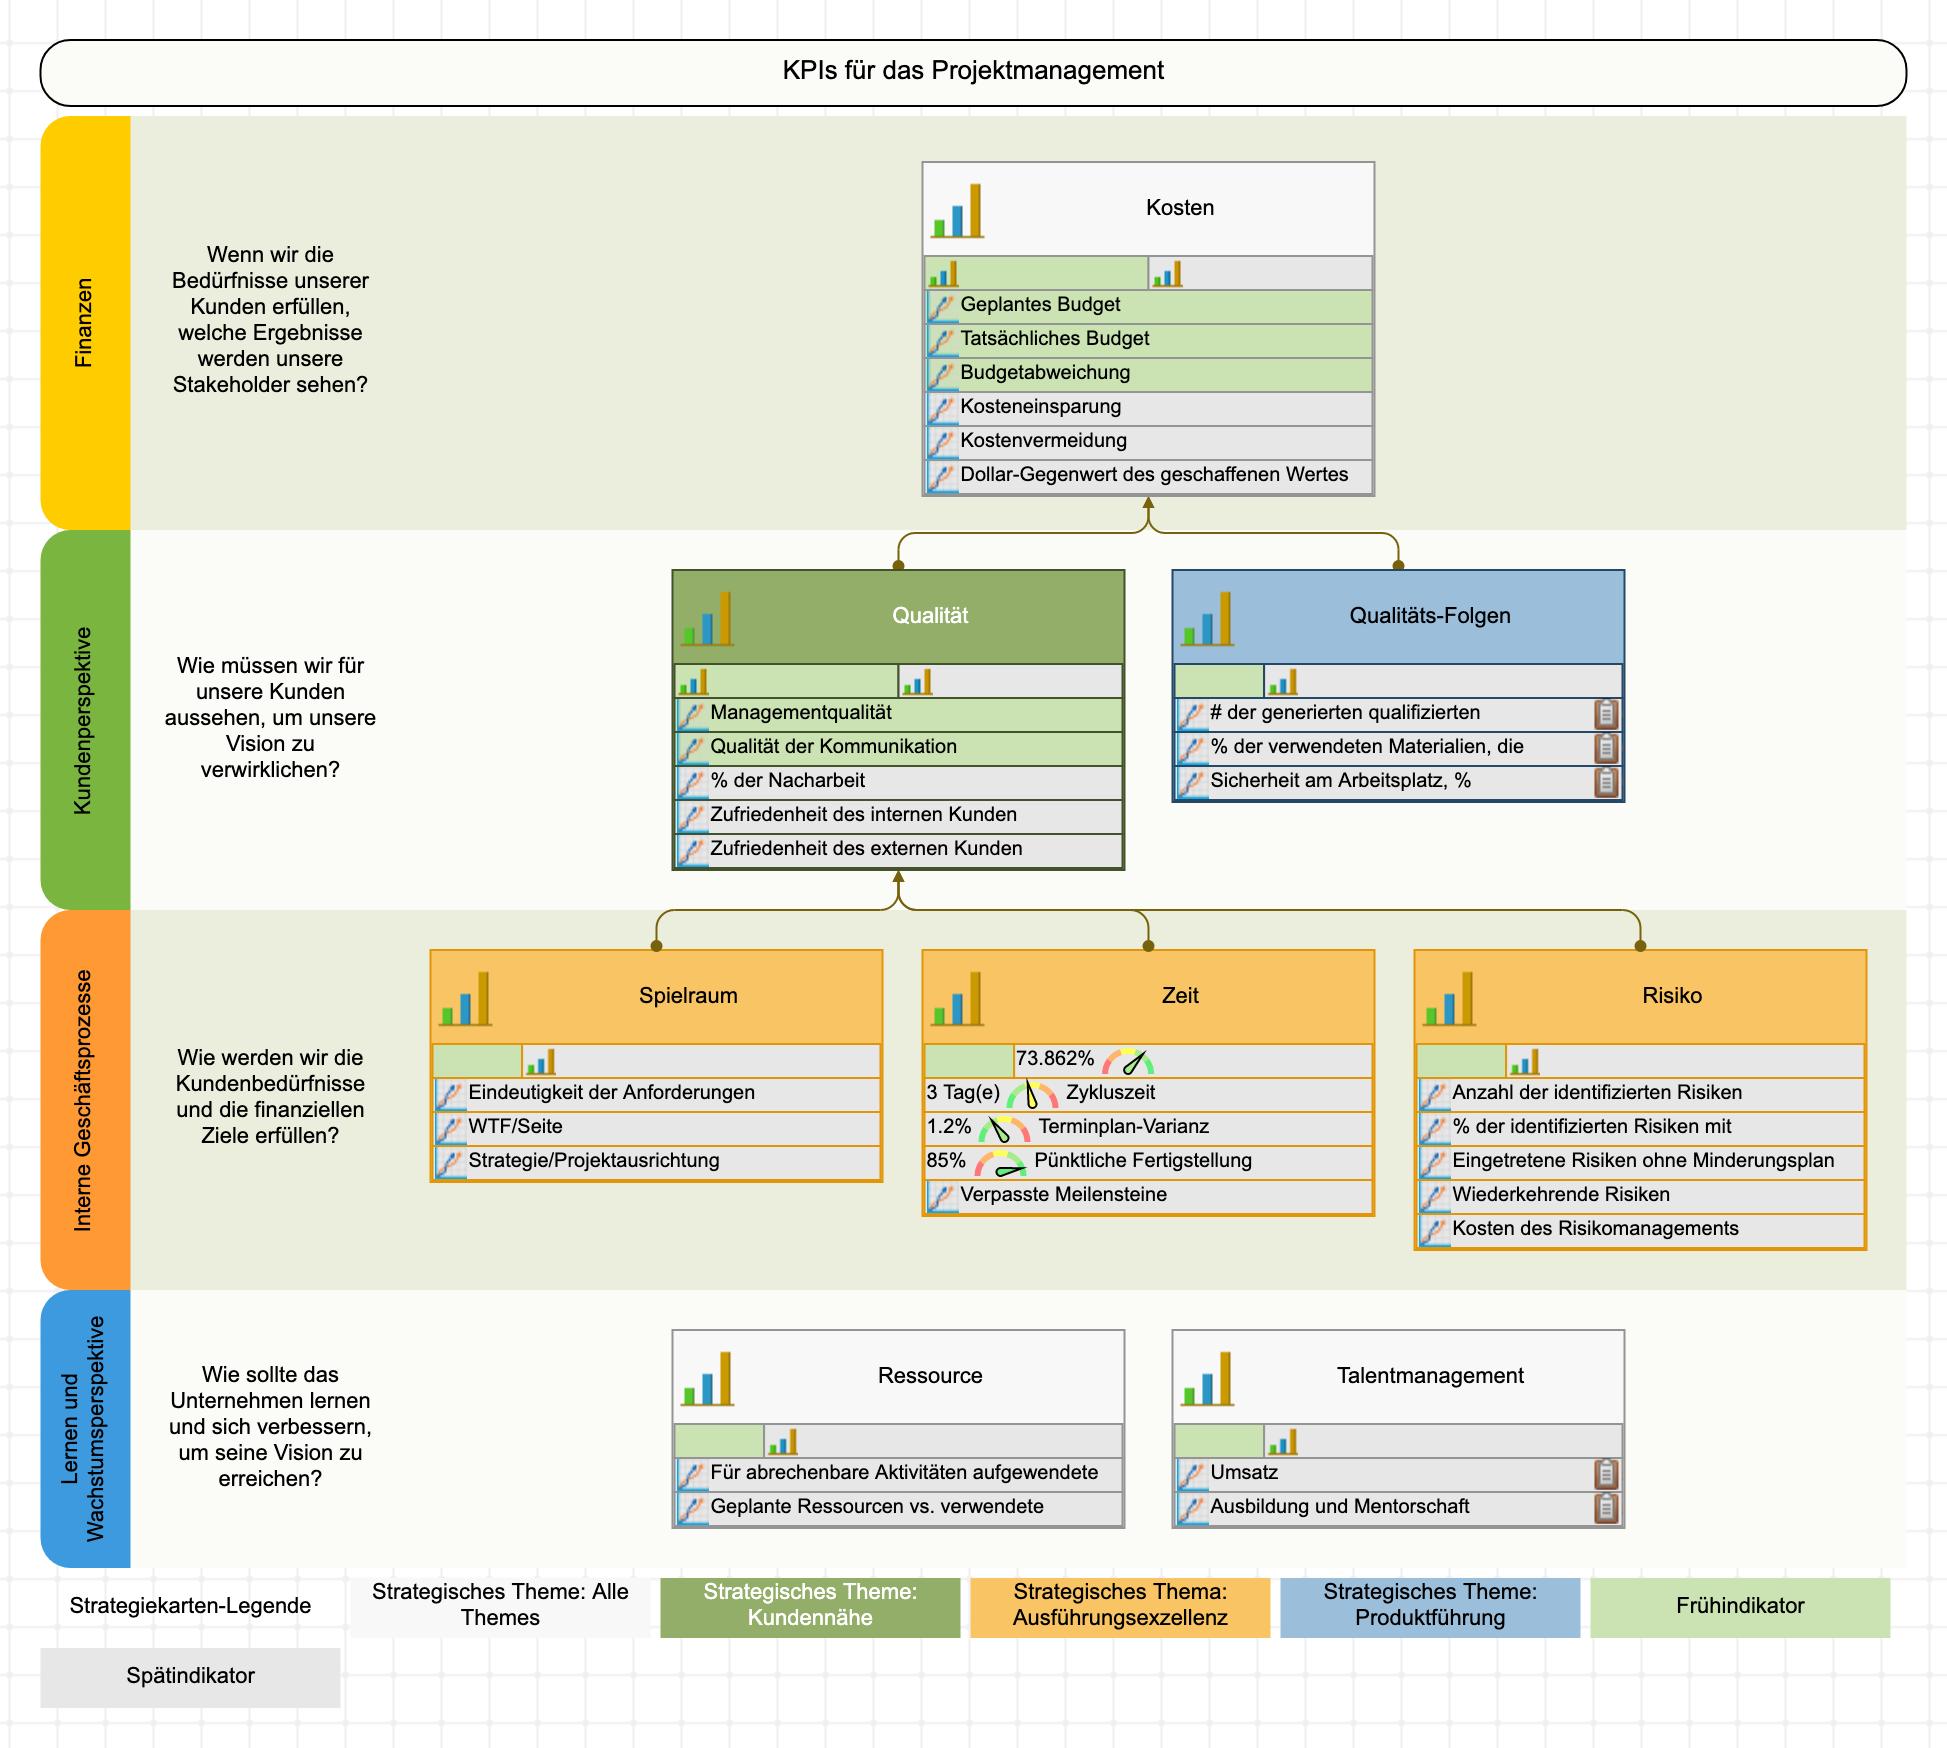 Projektmanagement-KPIs auf der Strategiekarte